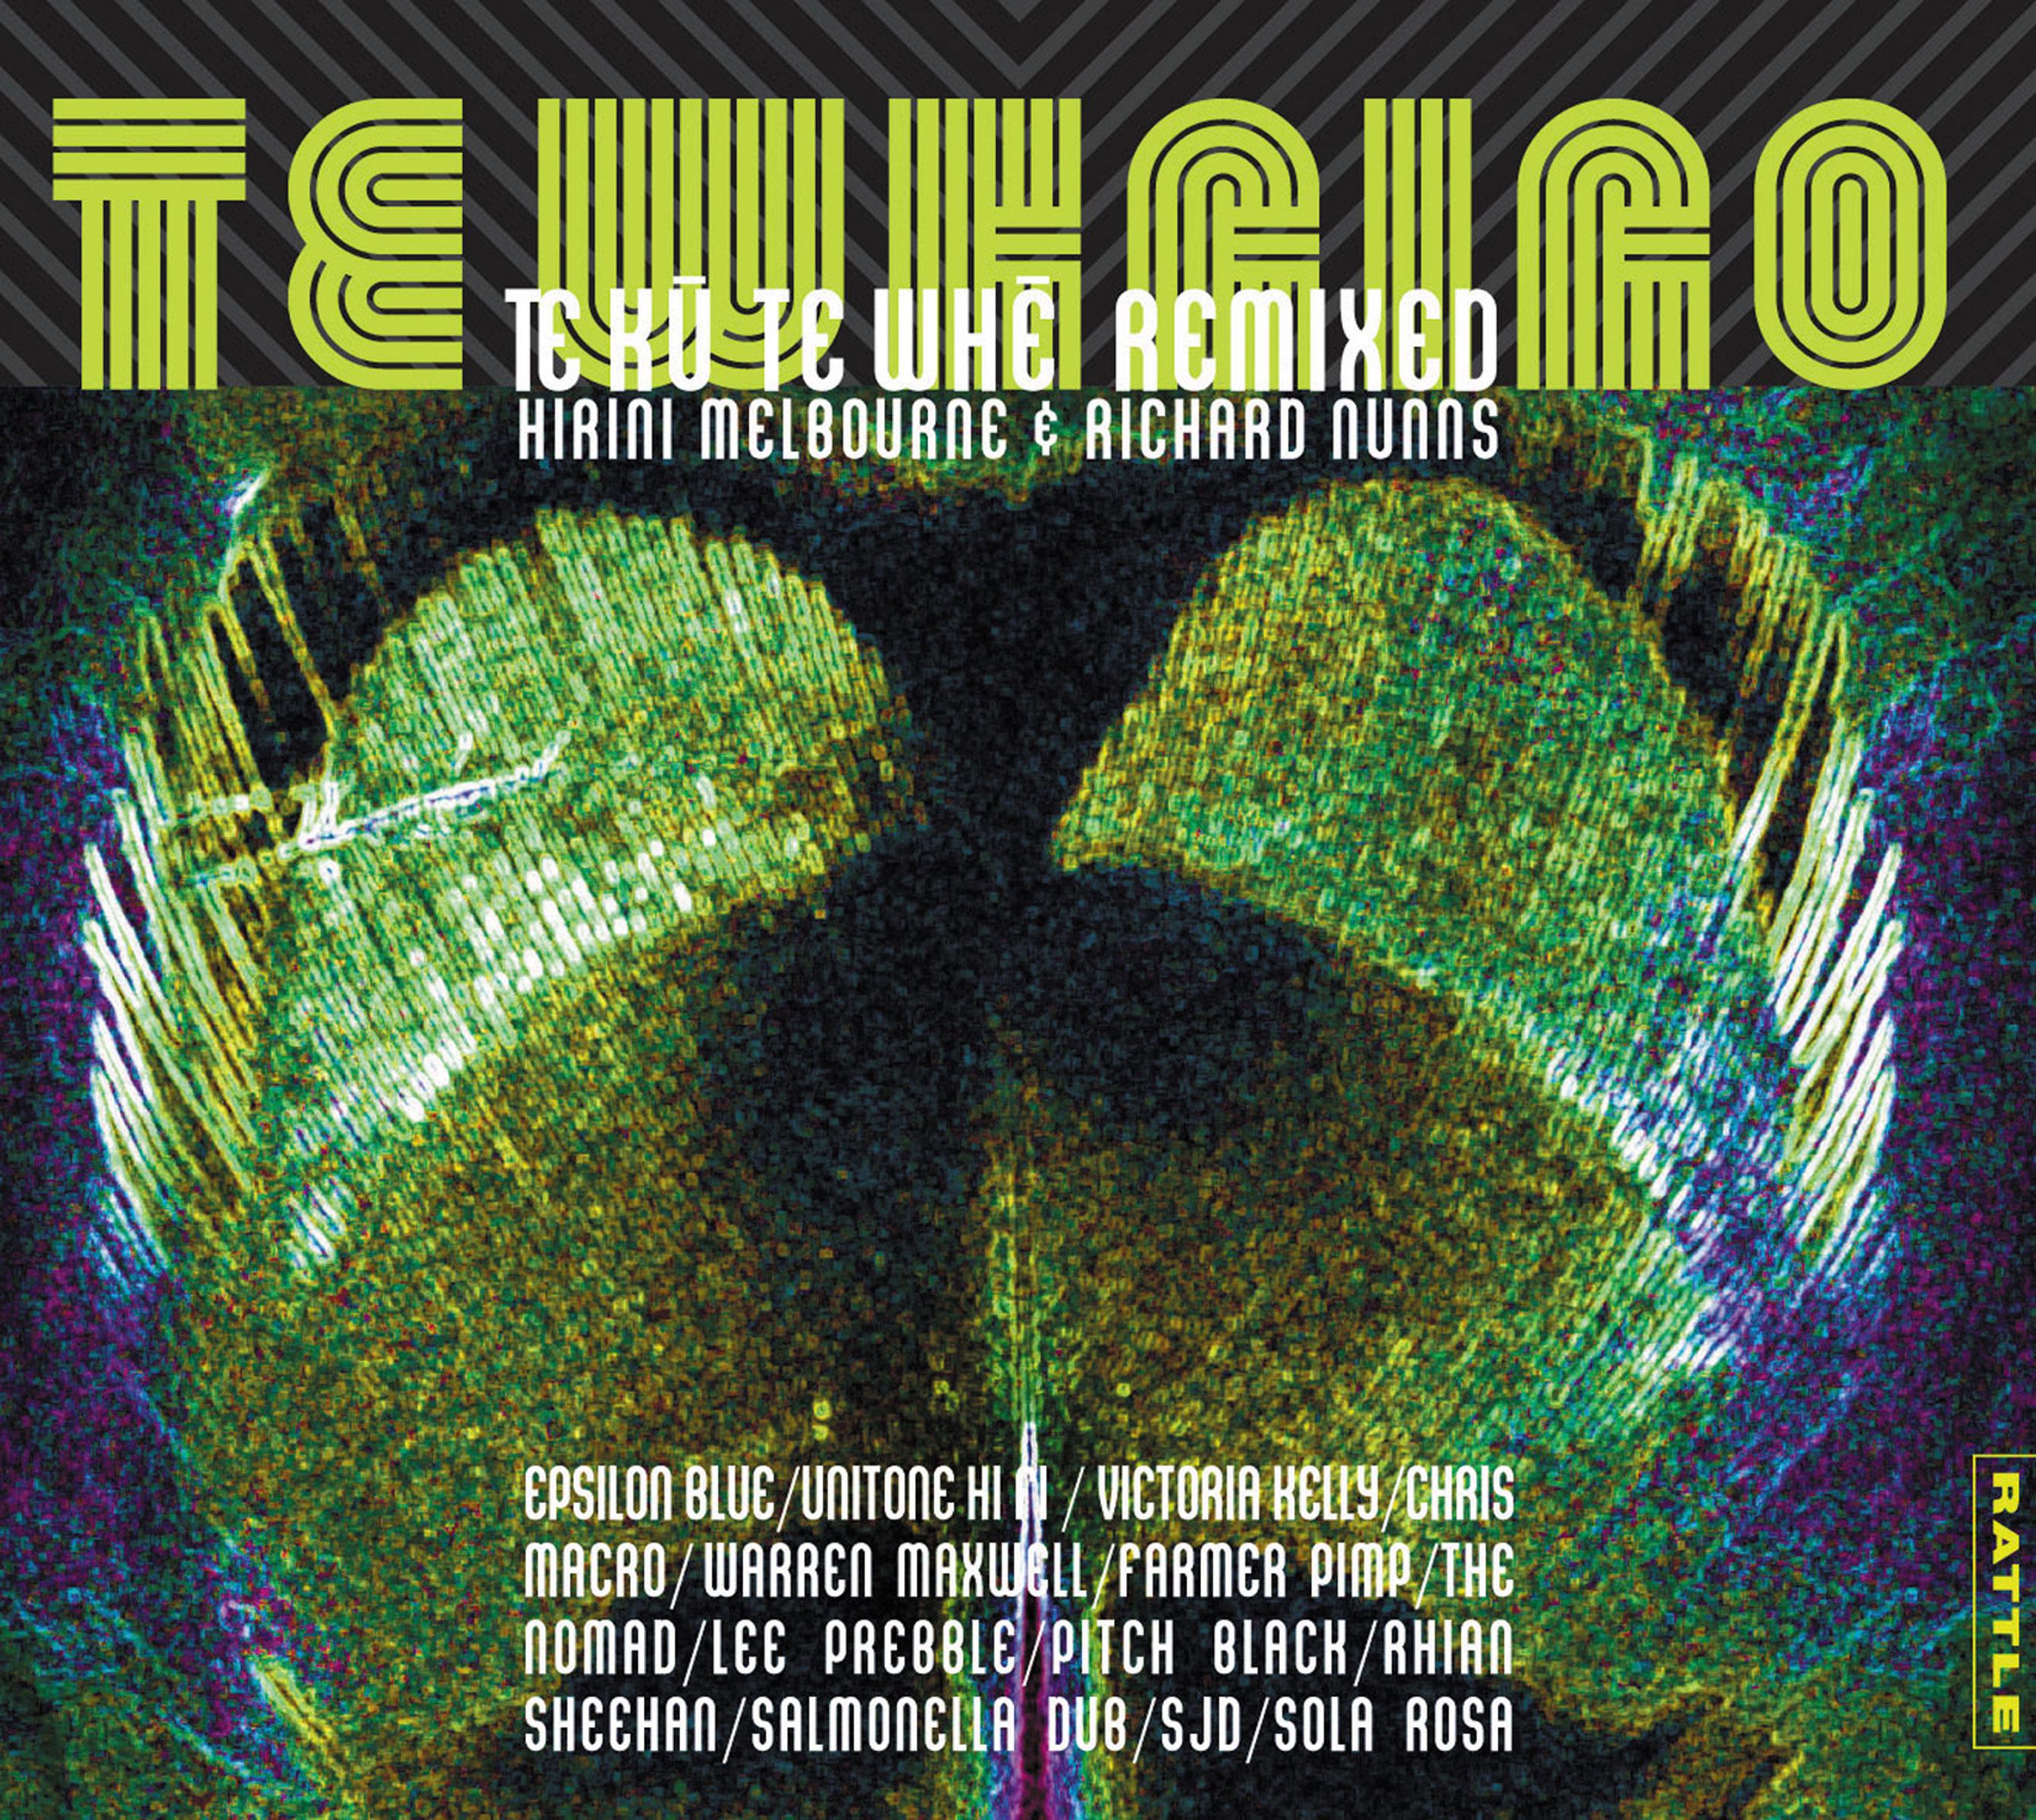 Te Whaiao | Te Kū Te Whē Remixed - downloadable MP3 ALBUM